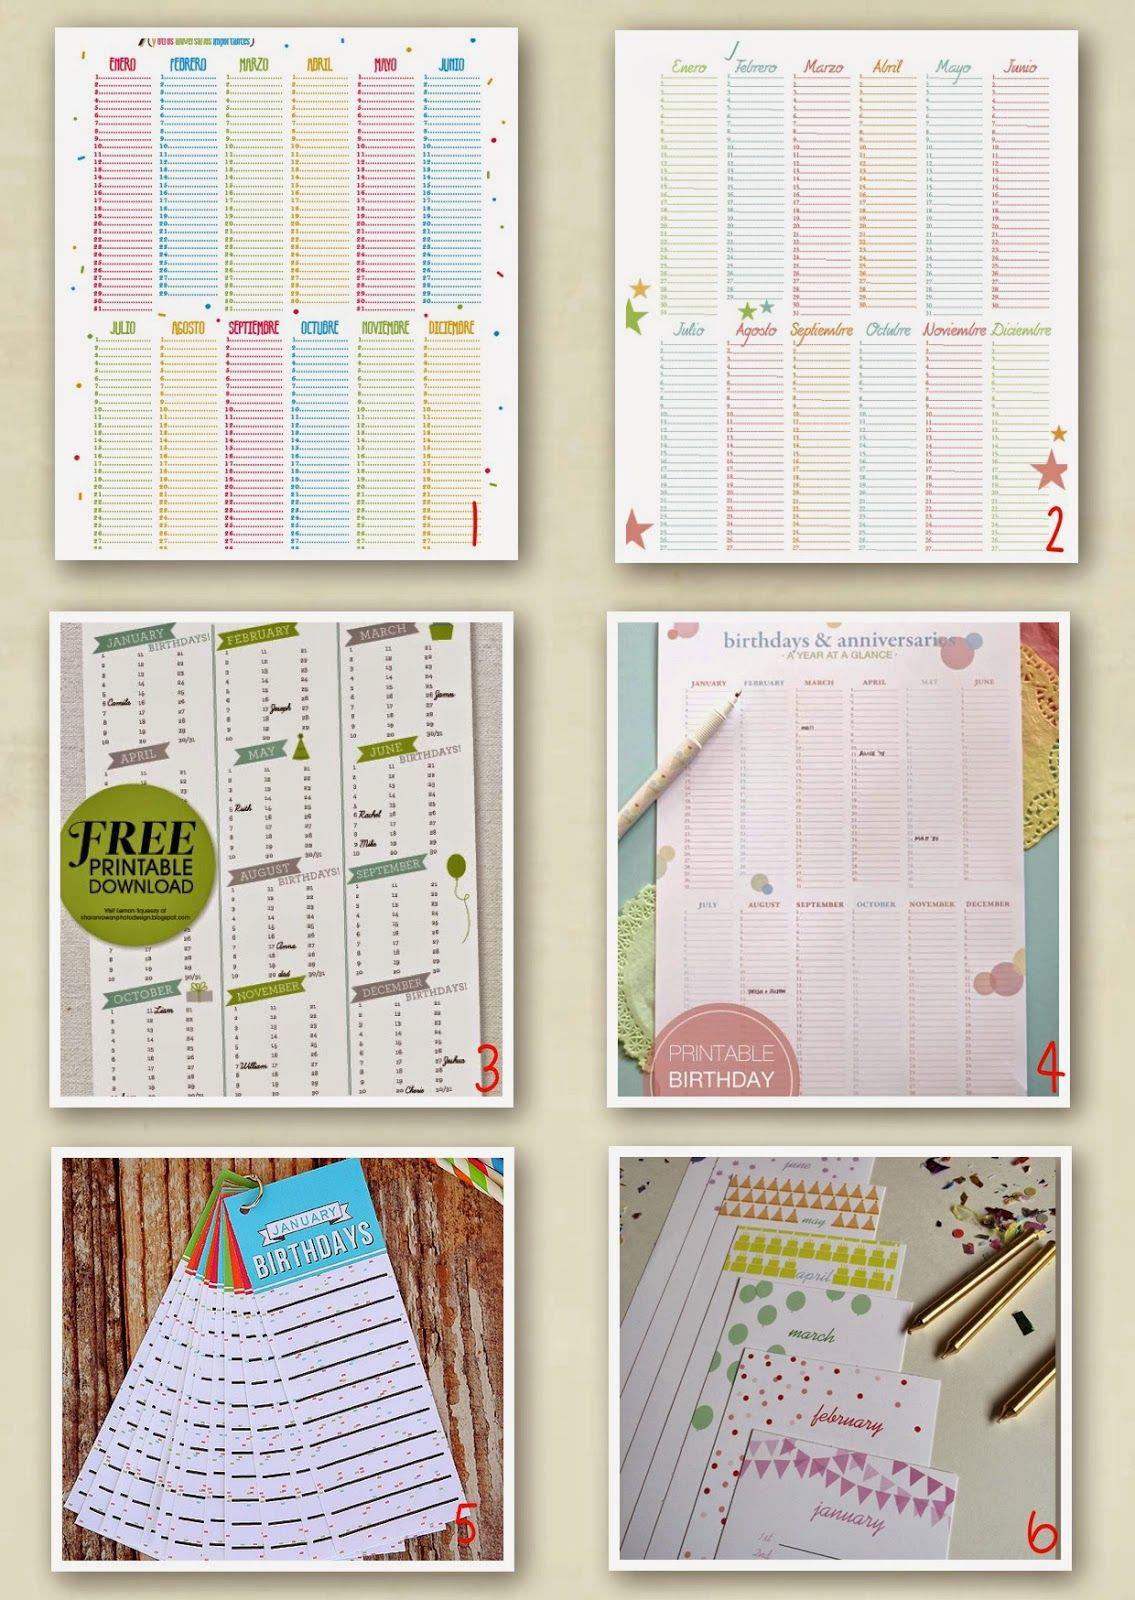 #new #nuevo #post #blog #blogger #printable #imprimible #freebies #calendar #calendario #cumpleaños #birthday